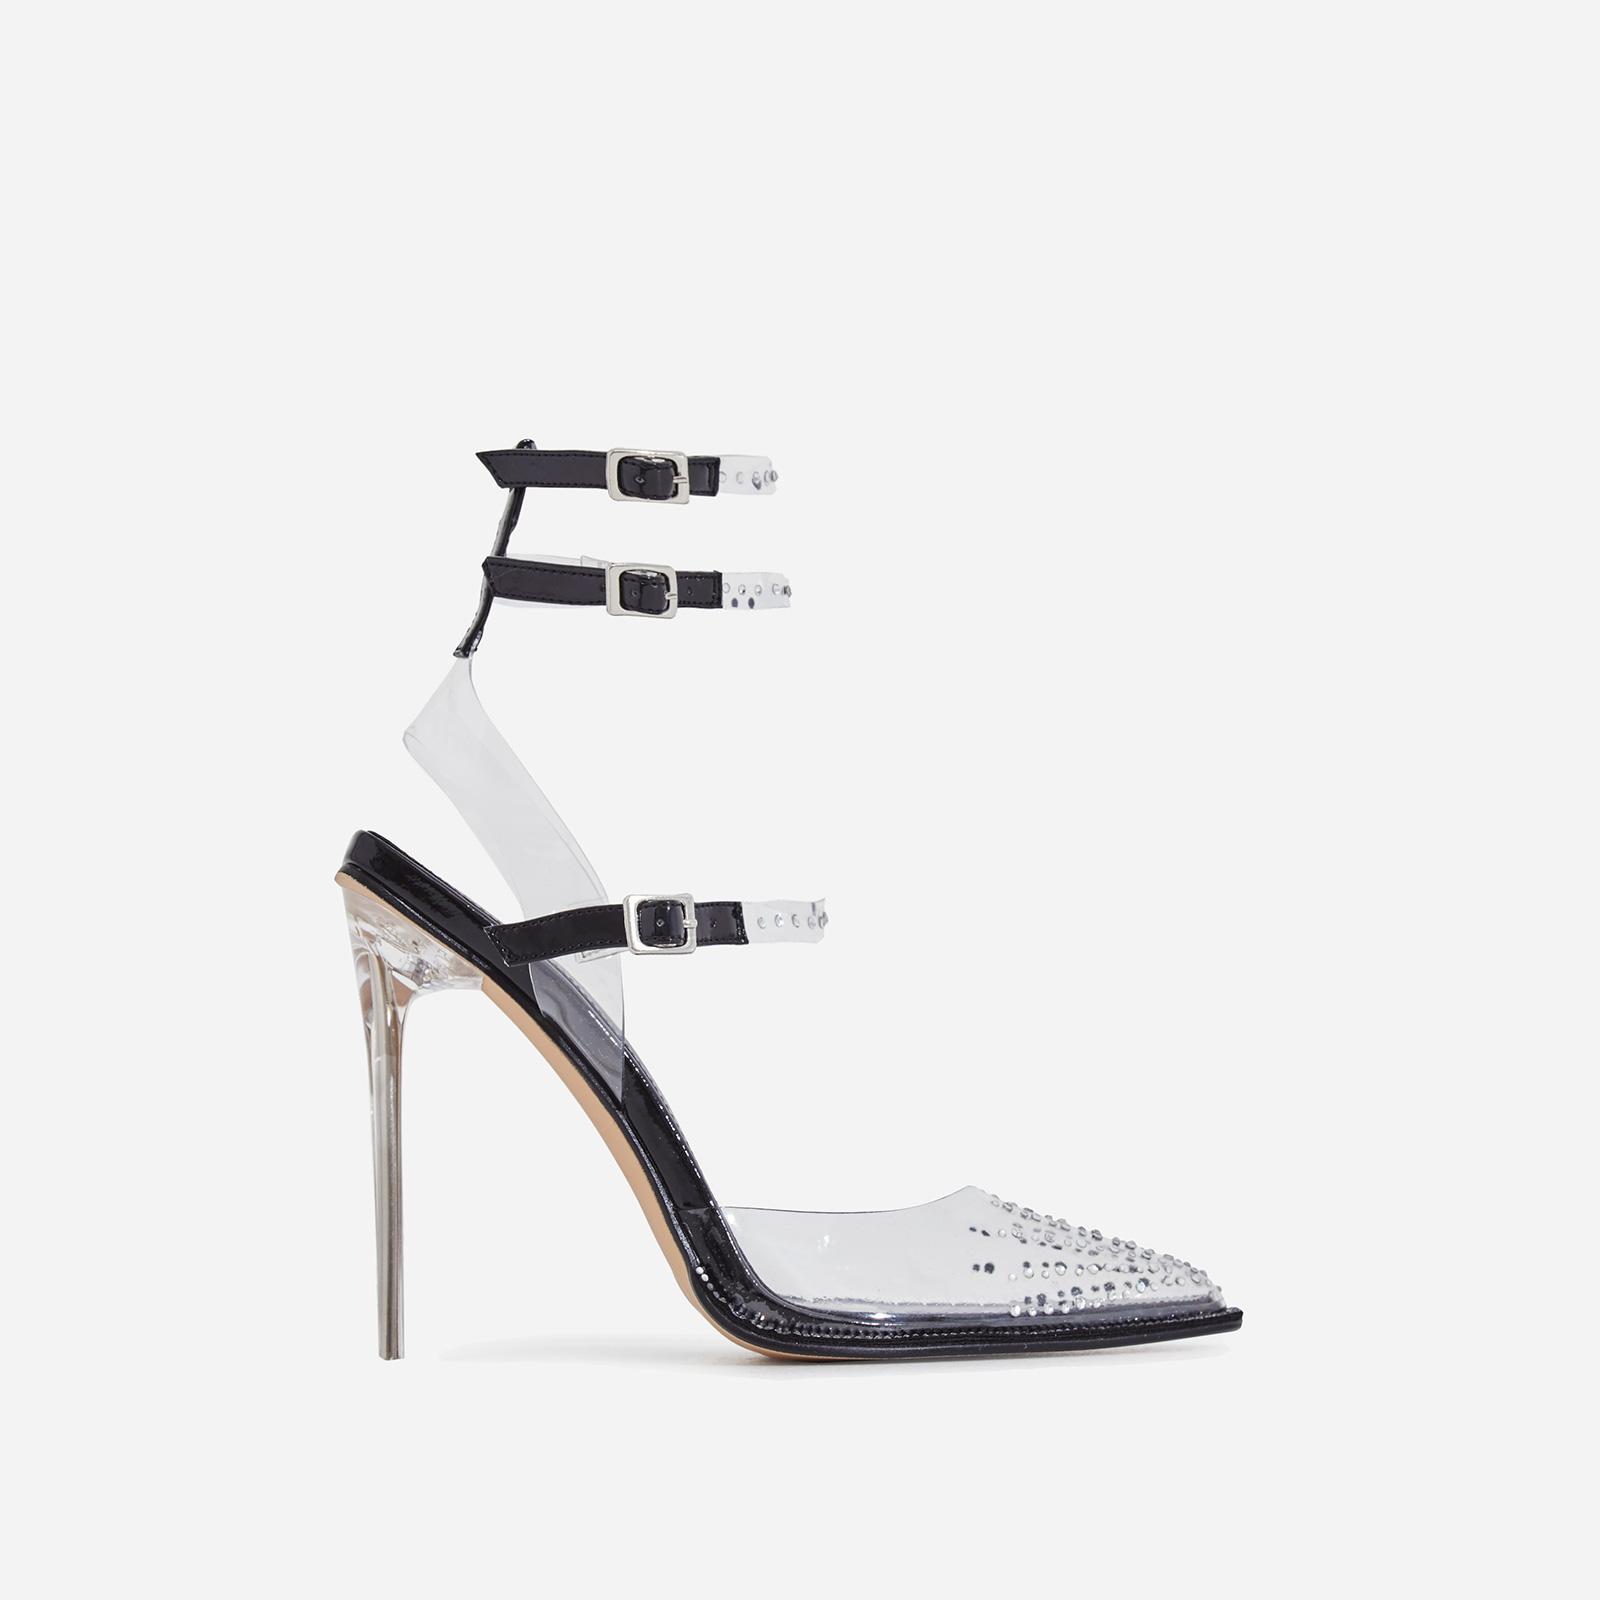 Margarita Diamante Details Perspex Heel In Black Patent